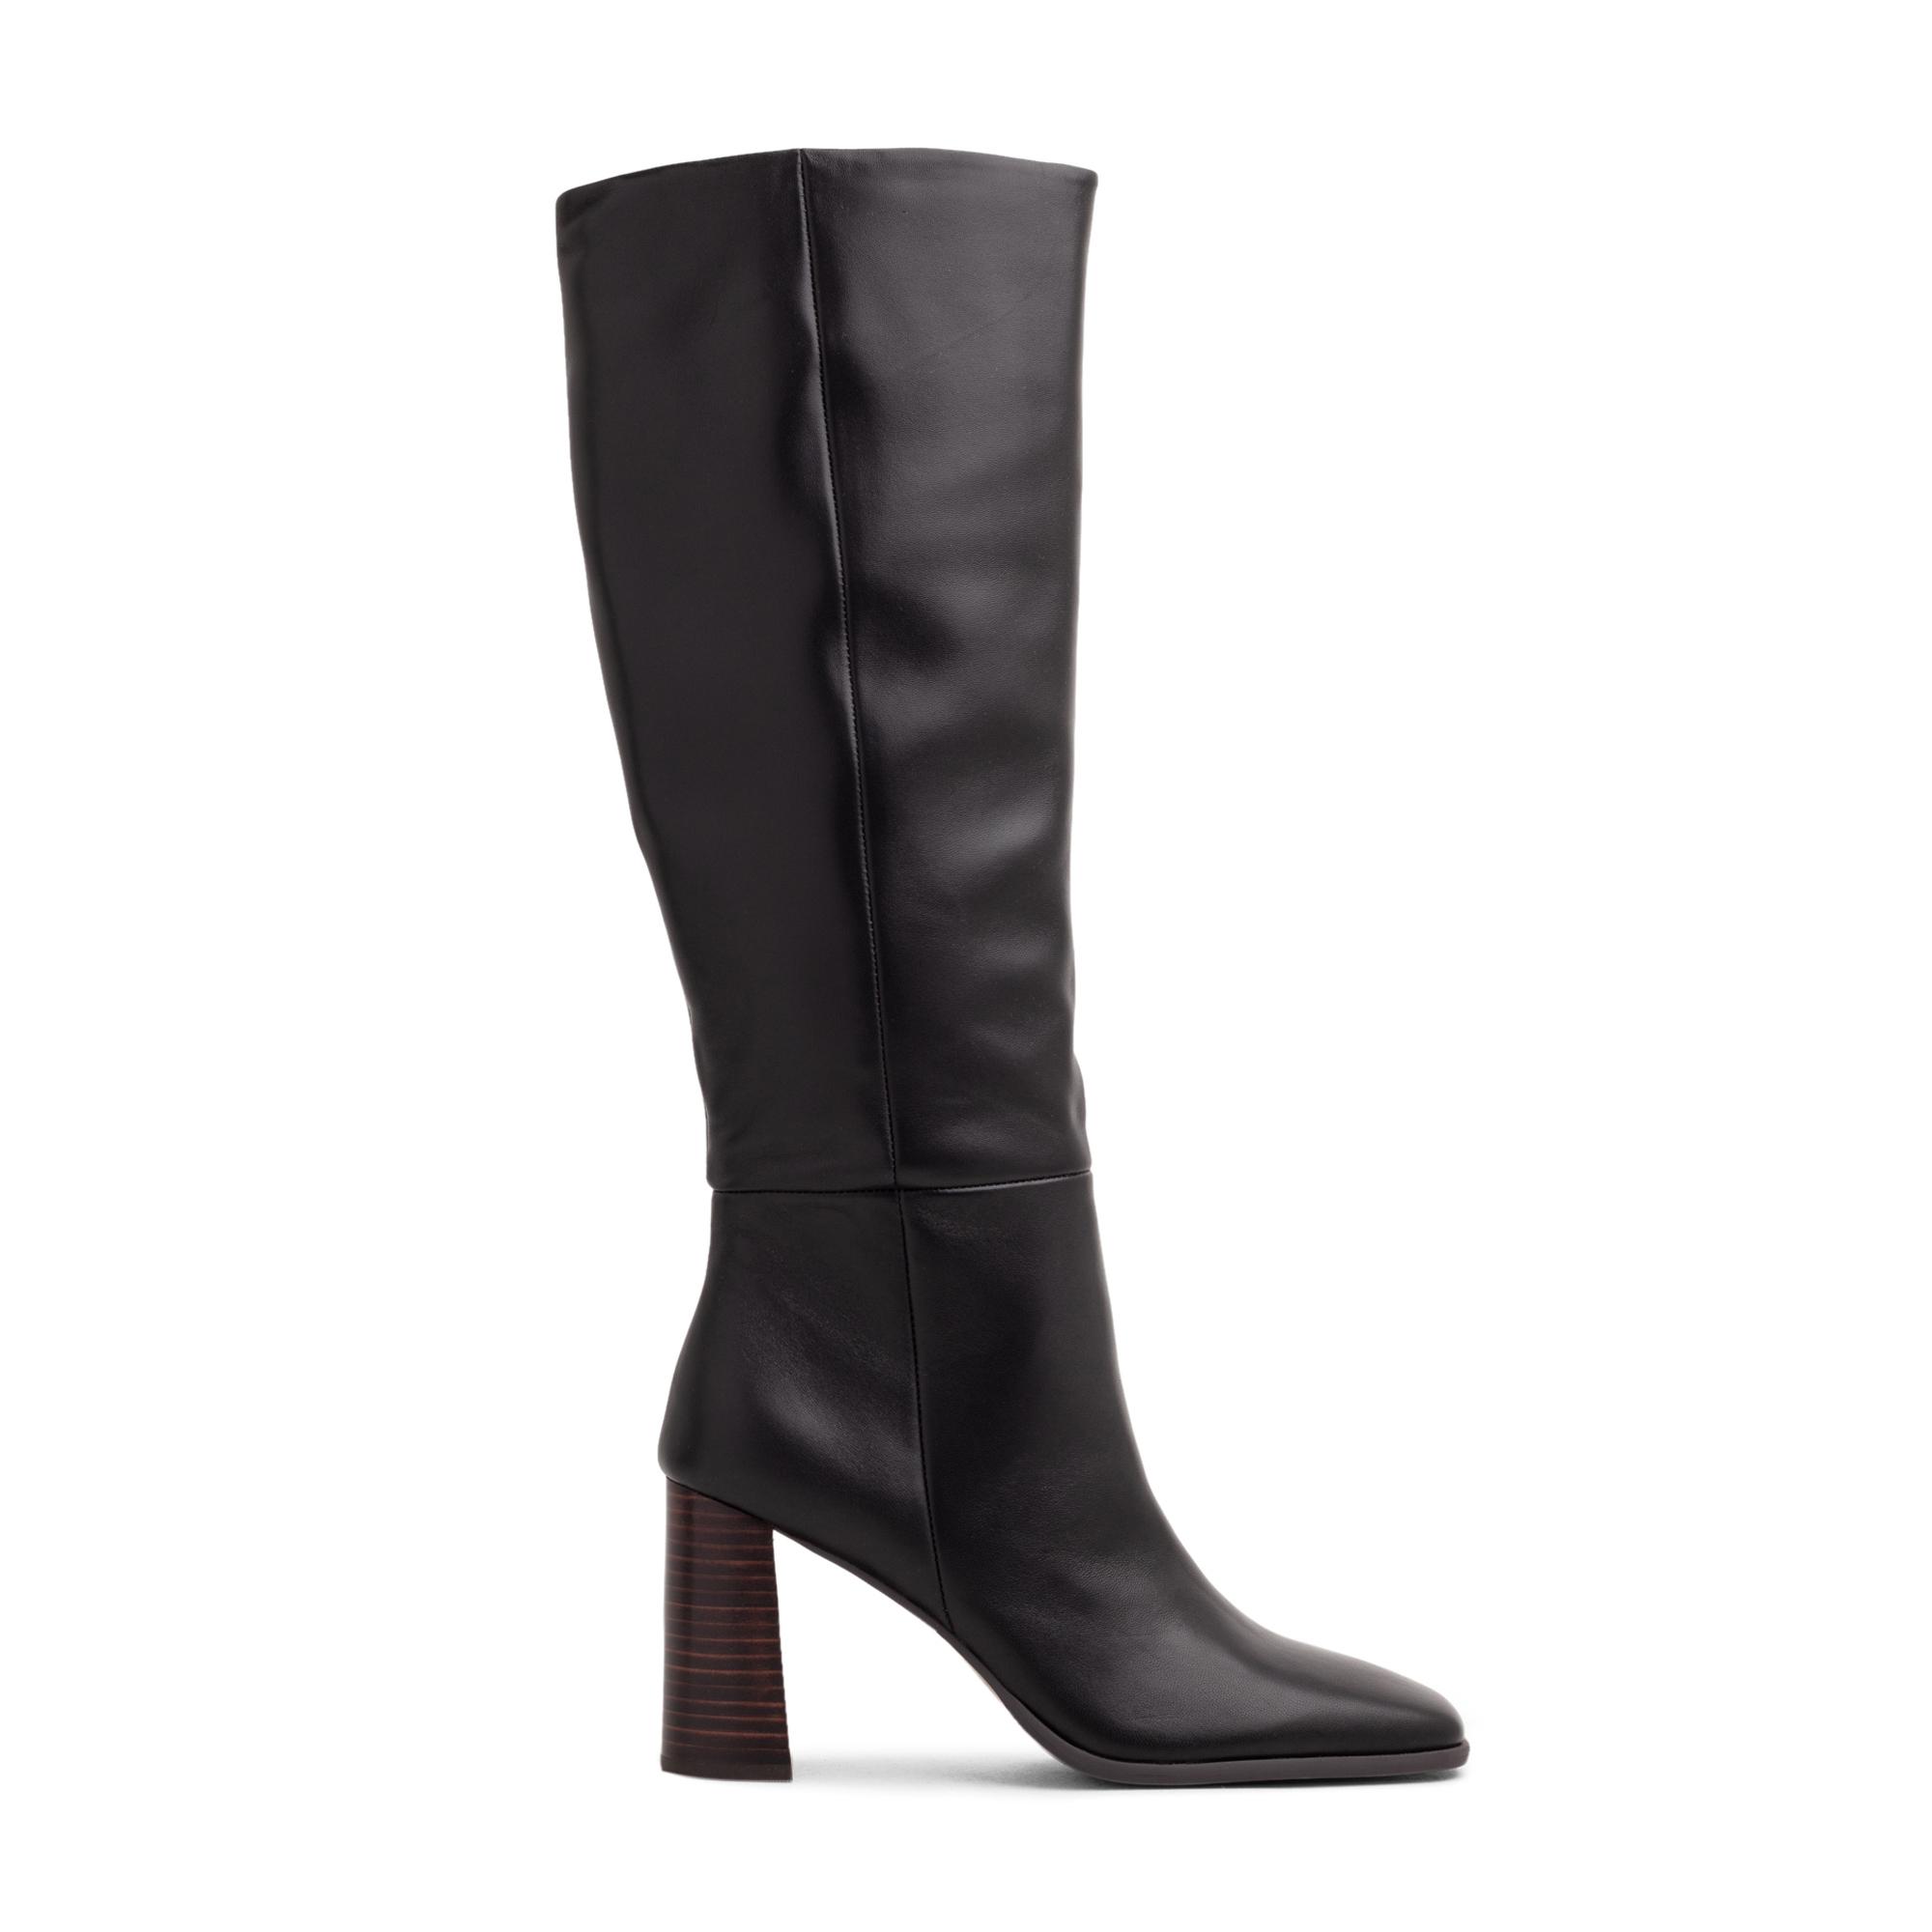 Zandar boots